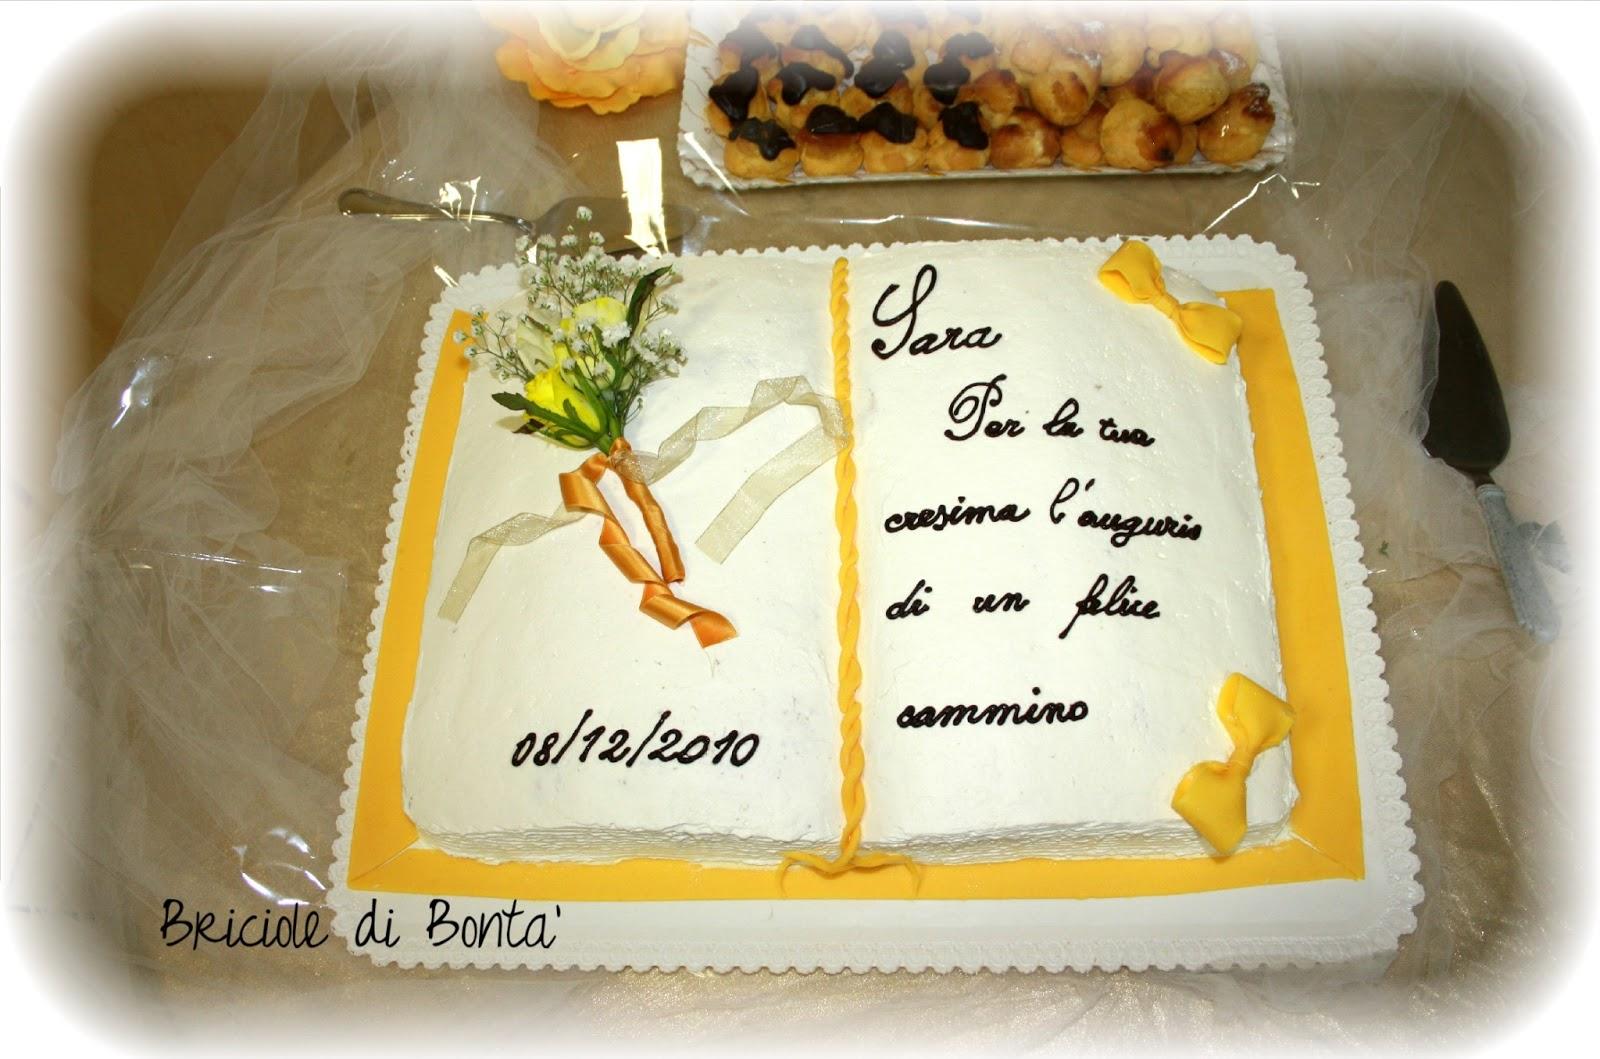 Preferenza Torta decorata per una cresima! – Briciole di Bontà ZL18